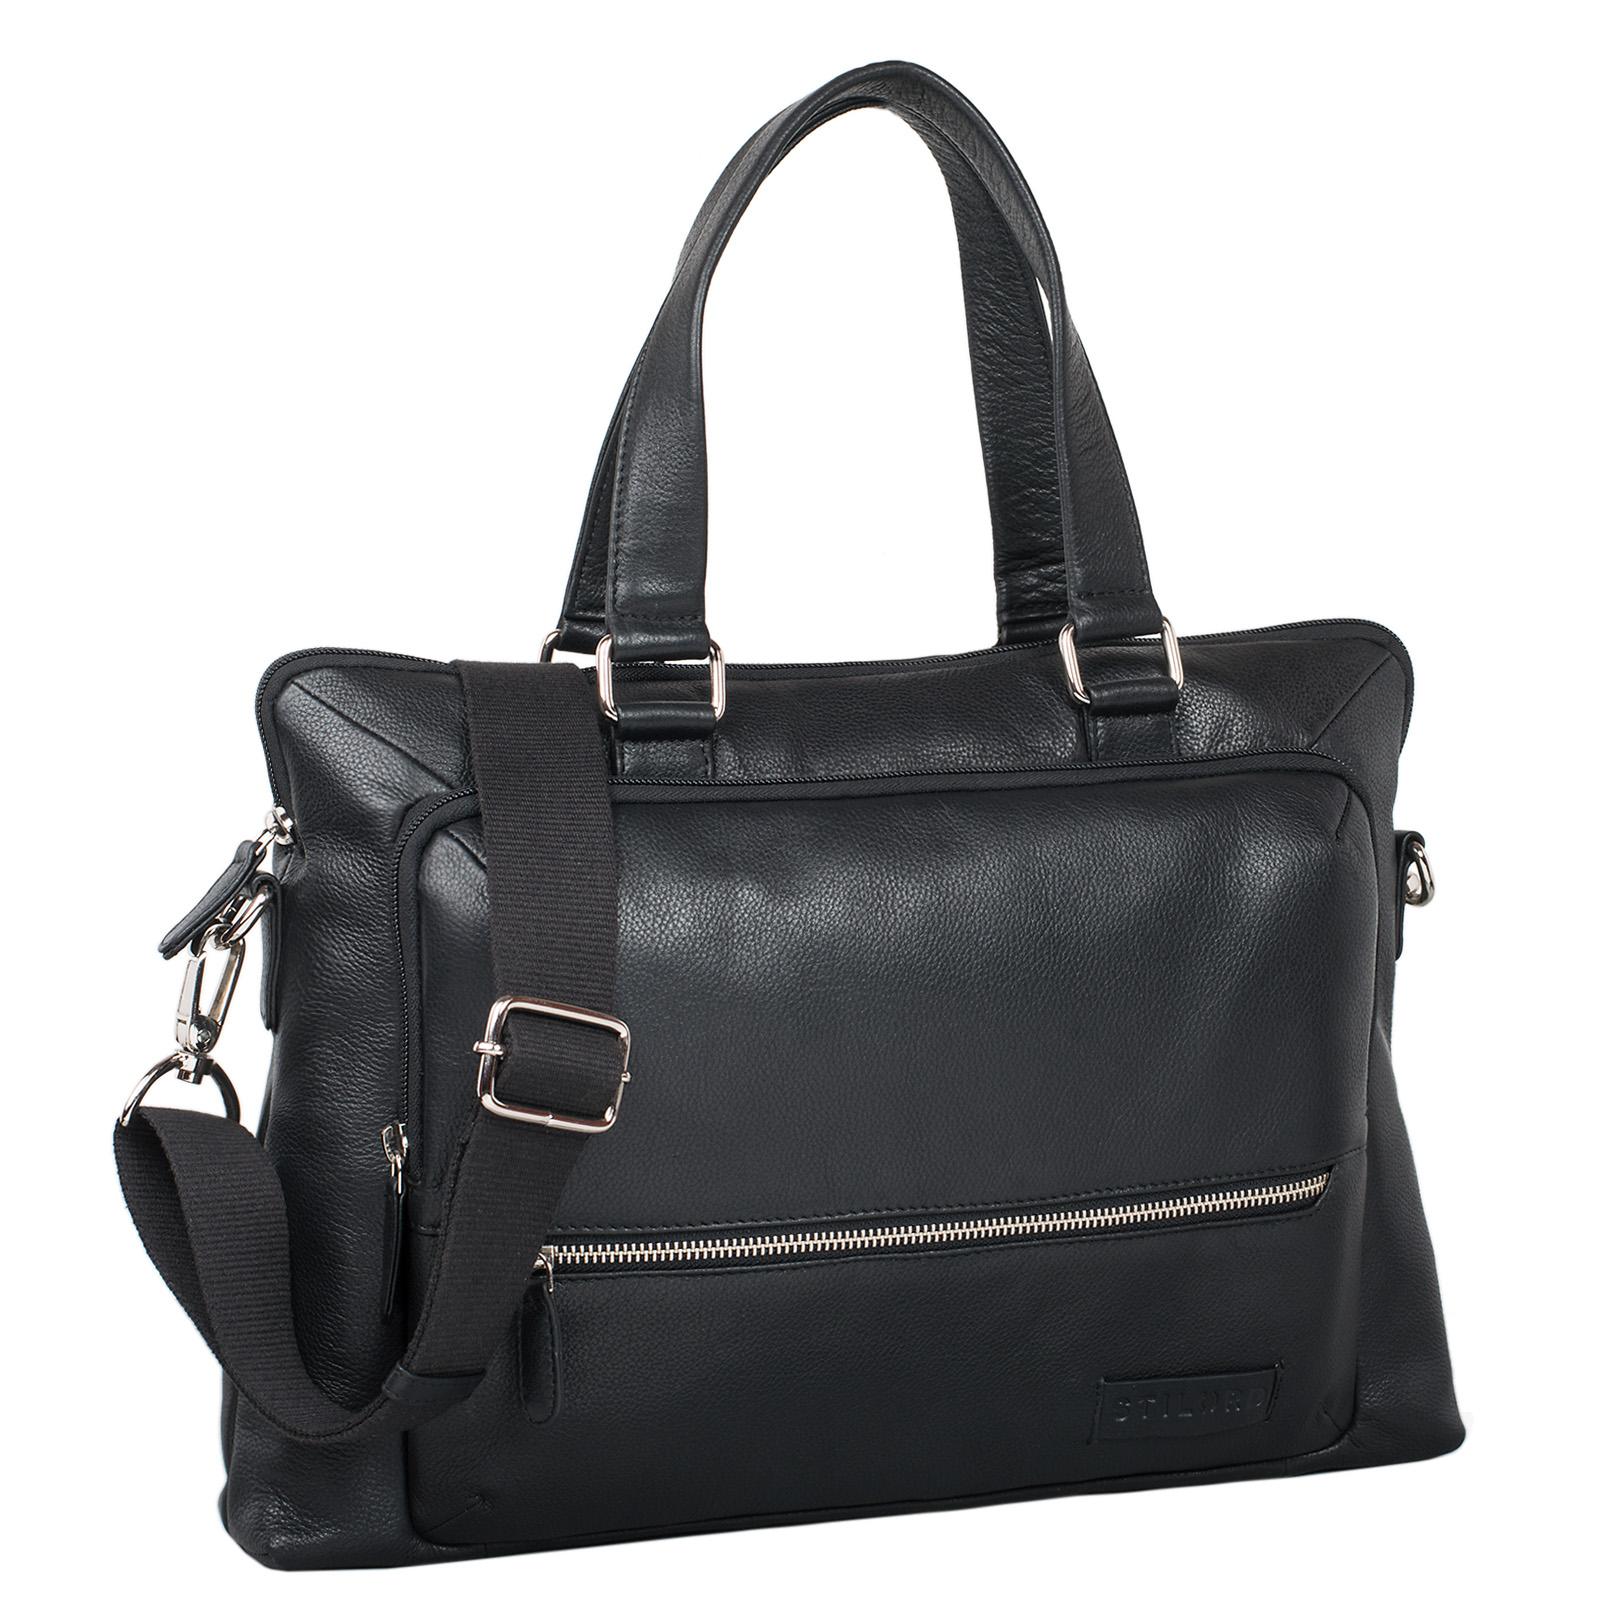 """STILORD """"Lean"""" Umhängetasche Herren Damen Leder groß Handtasche klassische Bürotasche Arbeit Business Unitasche DIN A4 Laptoptasche MacBook 13,3 Zoll echtes Rindsleder - Bild 10"""